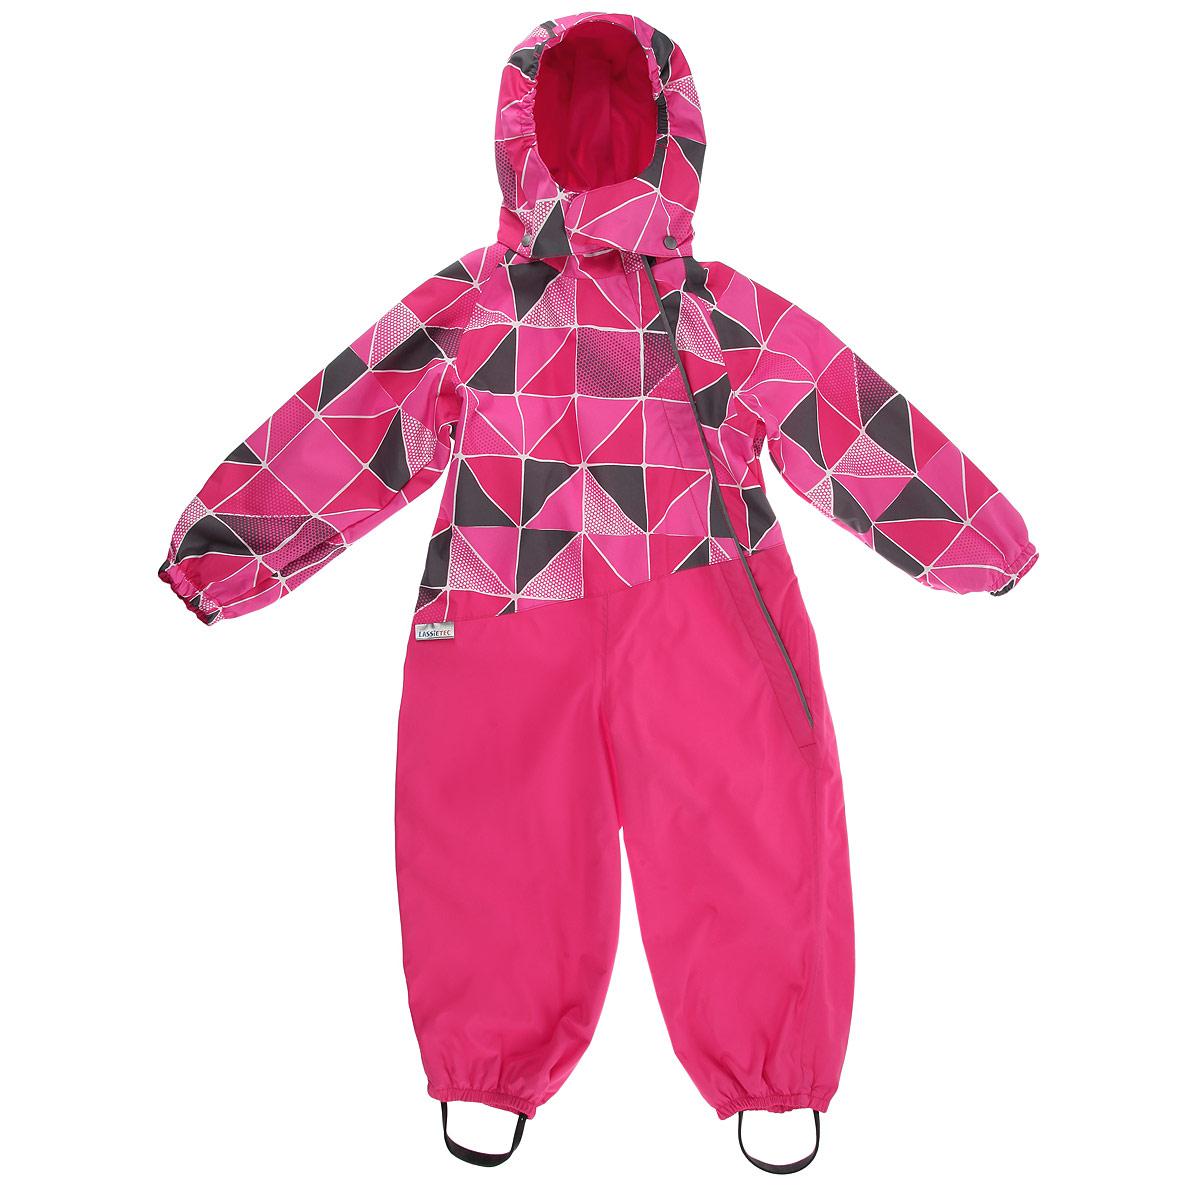 Комбинезон детский Reima Lassietec, цвет: розовый. 710650-4442. Размер 68710650_4442Удобный детский комбинезон Reima Lassietec идеально подойдет для ребенка ранней весной, когда на свежем воздухе все еще может быть прохладно. Комбинезон изготовлен из водо- и ветронепроницаемого материала, гарантирующего сухость и комфорт. Материал отличается высокой устойчивостью к трению, благодаря специальной обработке полиуретаном поверхность изделия отталкивает грязь и воду, что облегчает поддержание аккуратного вида одежды. Тонкая и мягкая подкладка дает коже ощущение комфорта. Все швы проклеены и водонепроницаемы. Комбинезон с капюшоном застегивается на пластиковую застежку-молнию и дополнительно имеет внешнюю ветрозащитную планку и защиту подбородка. Капюшон, присборенный по бокам на резинку, защитит нежные щечки от ветра, он пристегивается к комбинезону при помощи застежек-кнопок и дополнительно застегивается клапаном под подбородком на липучку. Края рукавов дополнены неширокими эластичными манжетами. Мягкая подкладка на манжетах, капюшоне и воротнике обеспечивает дополнительный комфорт. По спинке предусмотрена вшитая широкая эластичная резинка. Снизу брючин предусмотрены прорезиненные съемные штрипки, одевающиеся на ступню и не дающие комбинезону ползти вверх. Светоотражающие вставки не оставят вашего ребенка незамеченным в темное время суток.Комфортный, удобный и практичный комбинезон идеально подойдет для прогулок и игр на свежем воздухе!